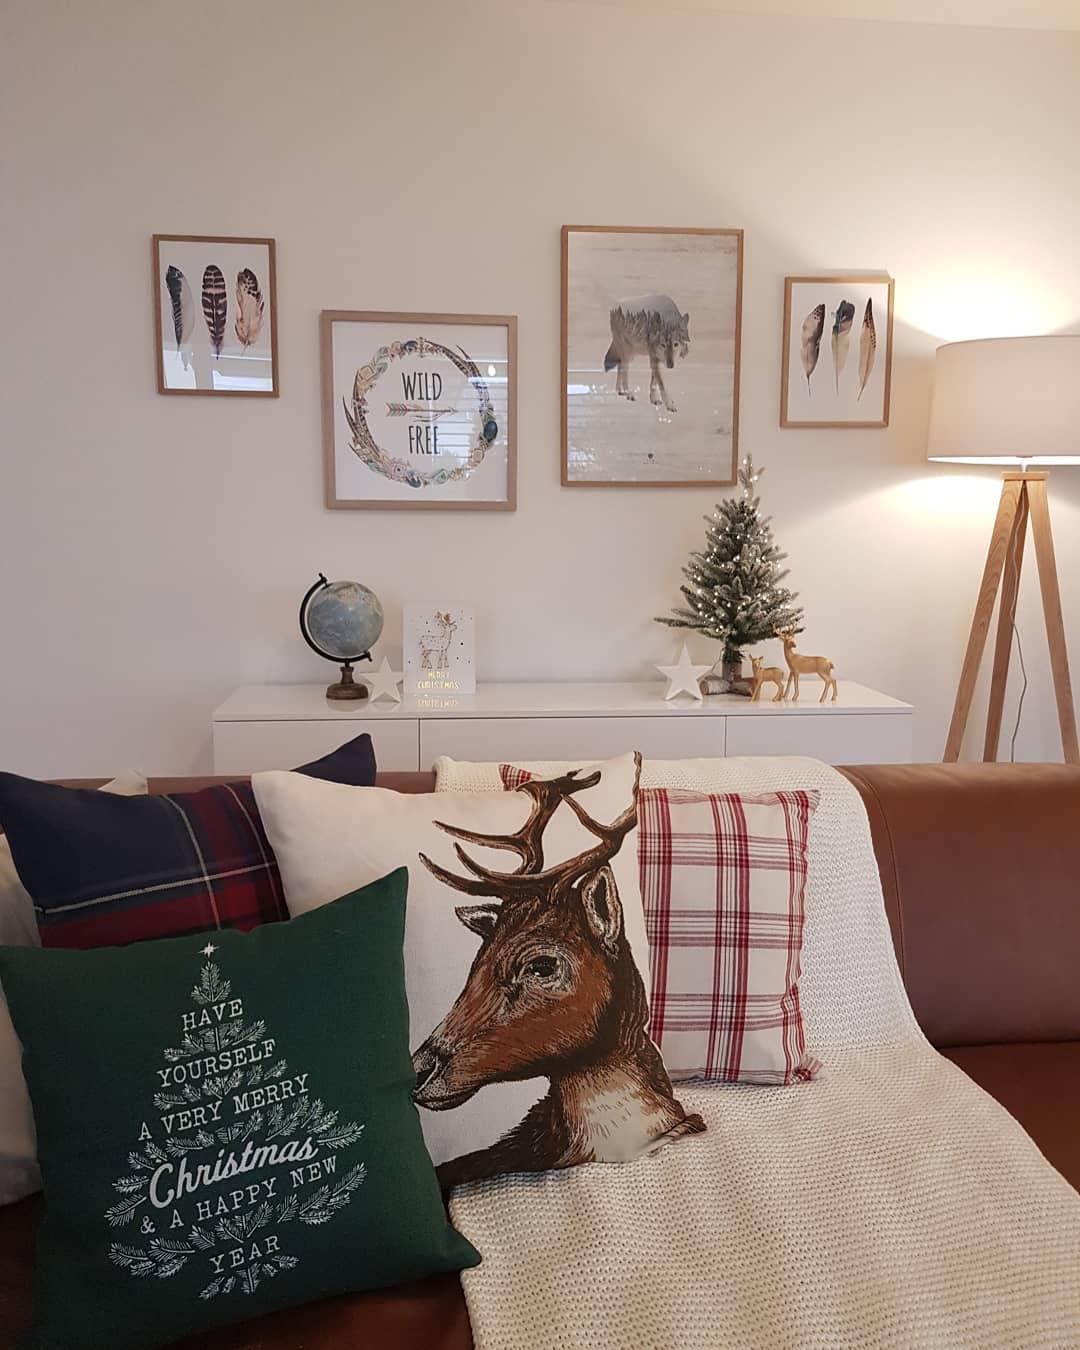 Decoração de natal para sala simples com árvore pequena, quadro, estrela e almofadas temáticas.